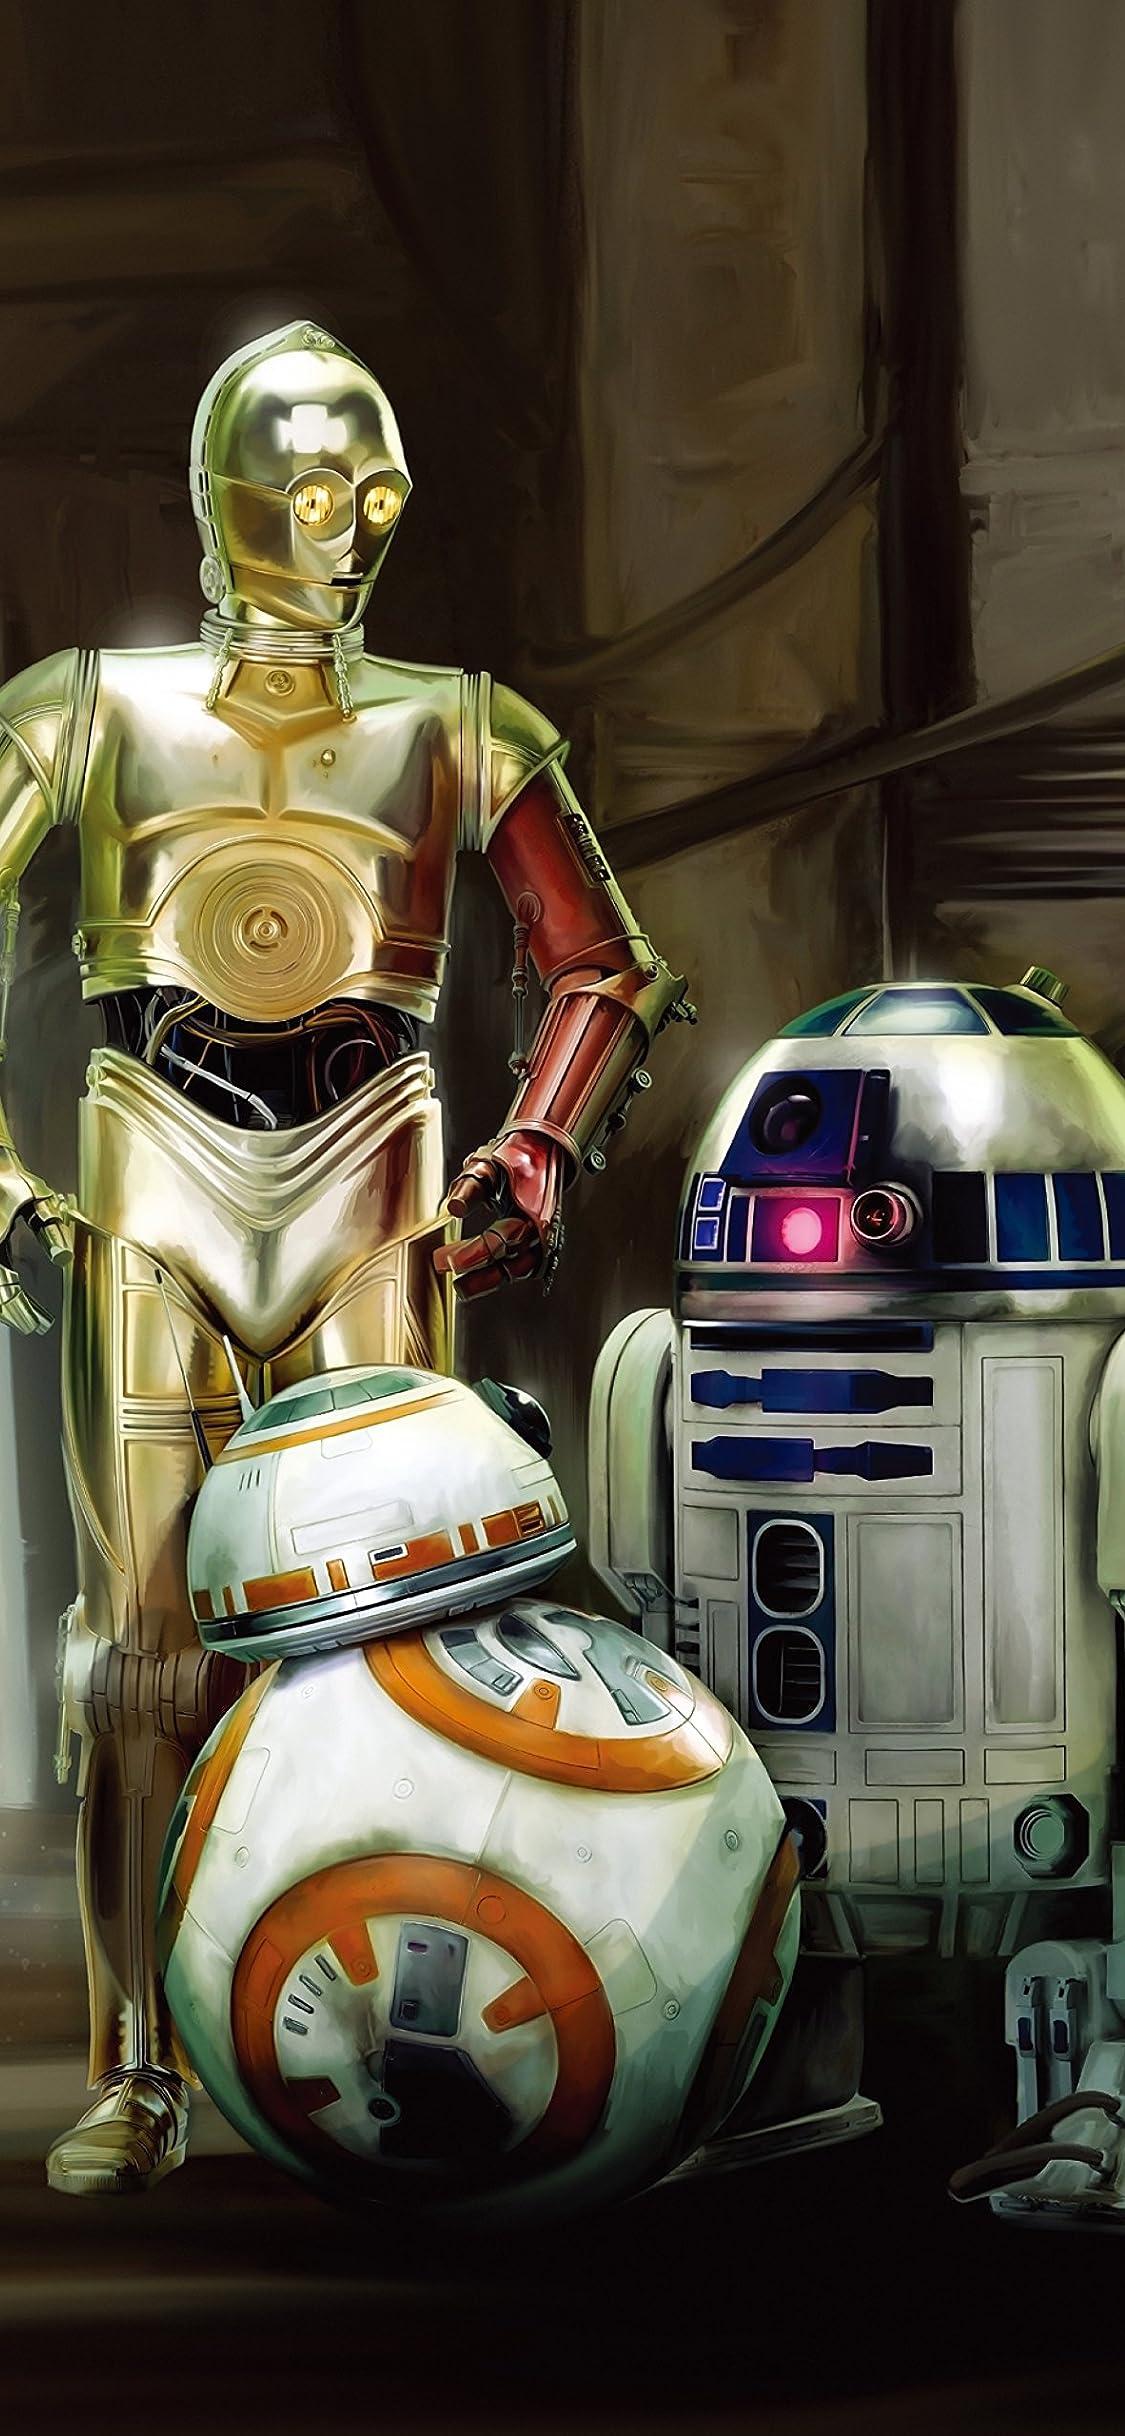 スター ウォーズ Star Wars フォースの覚醒 C 3po Bb 8 R2 D2